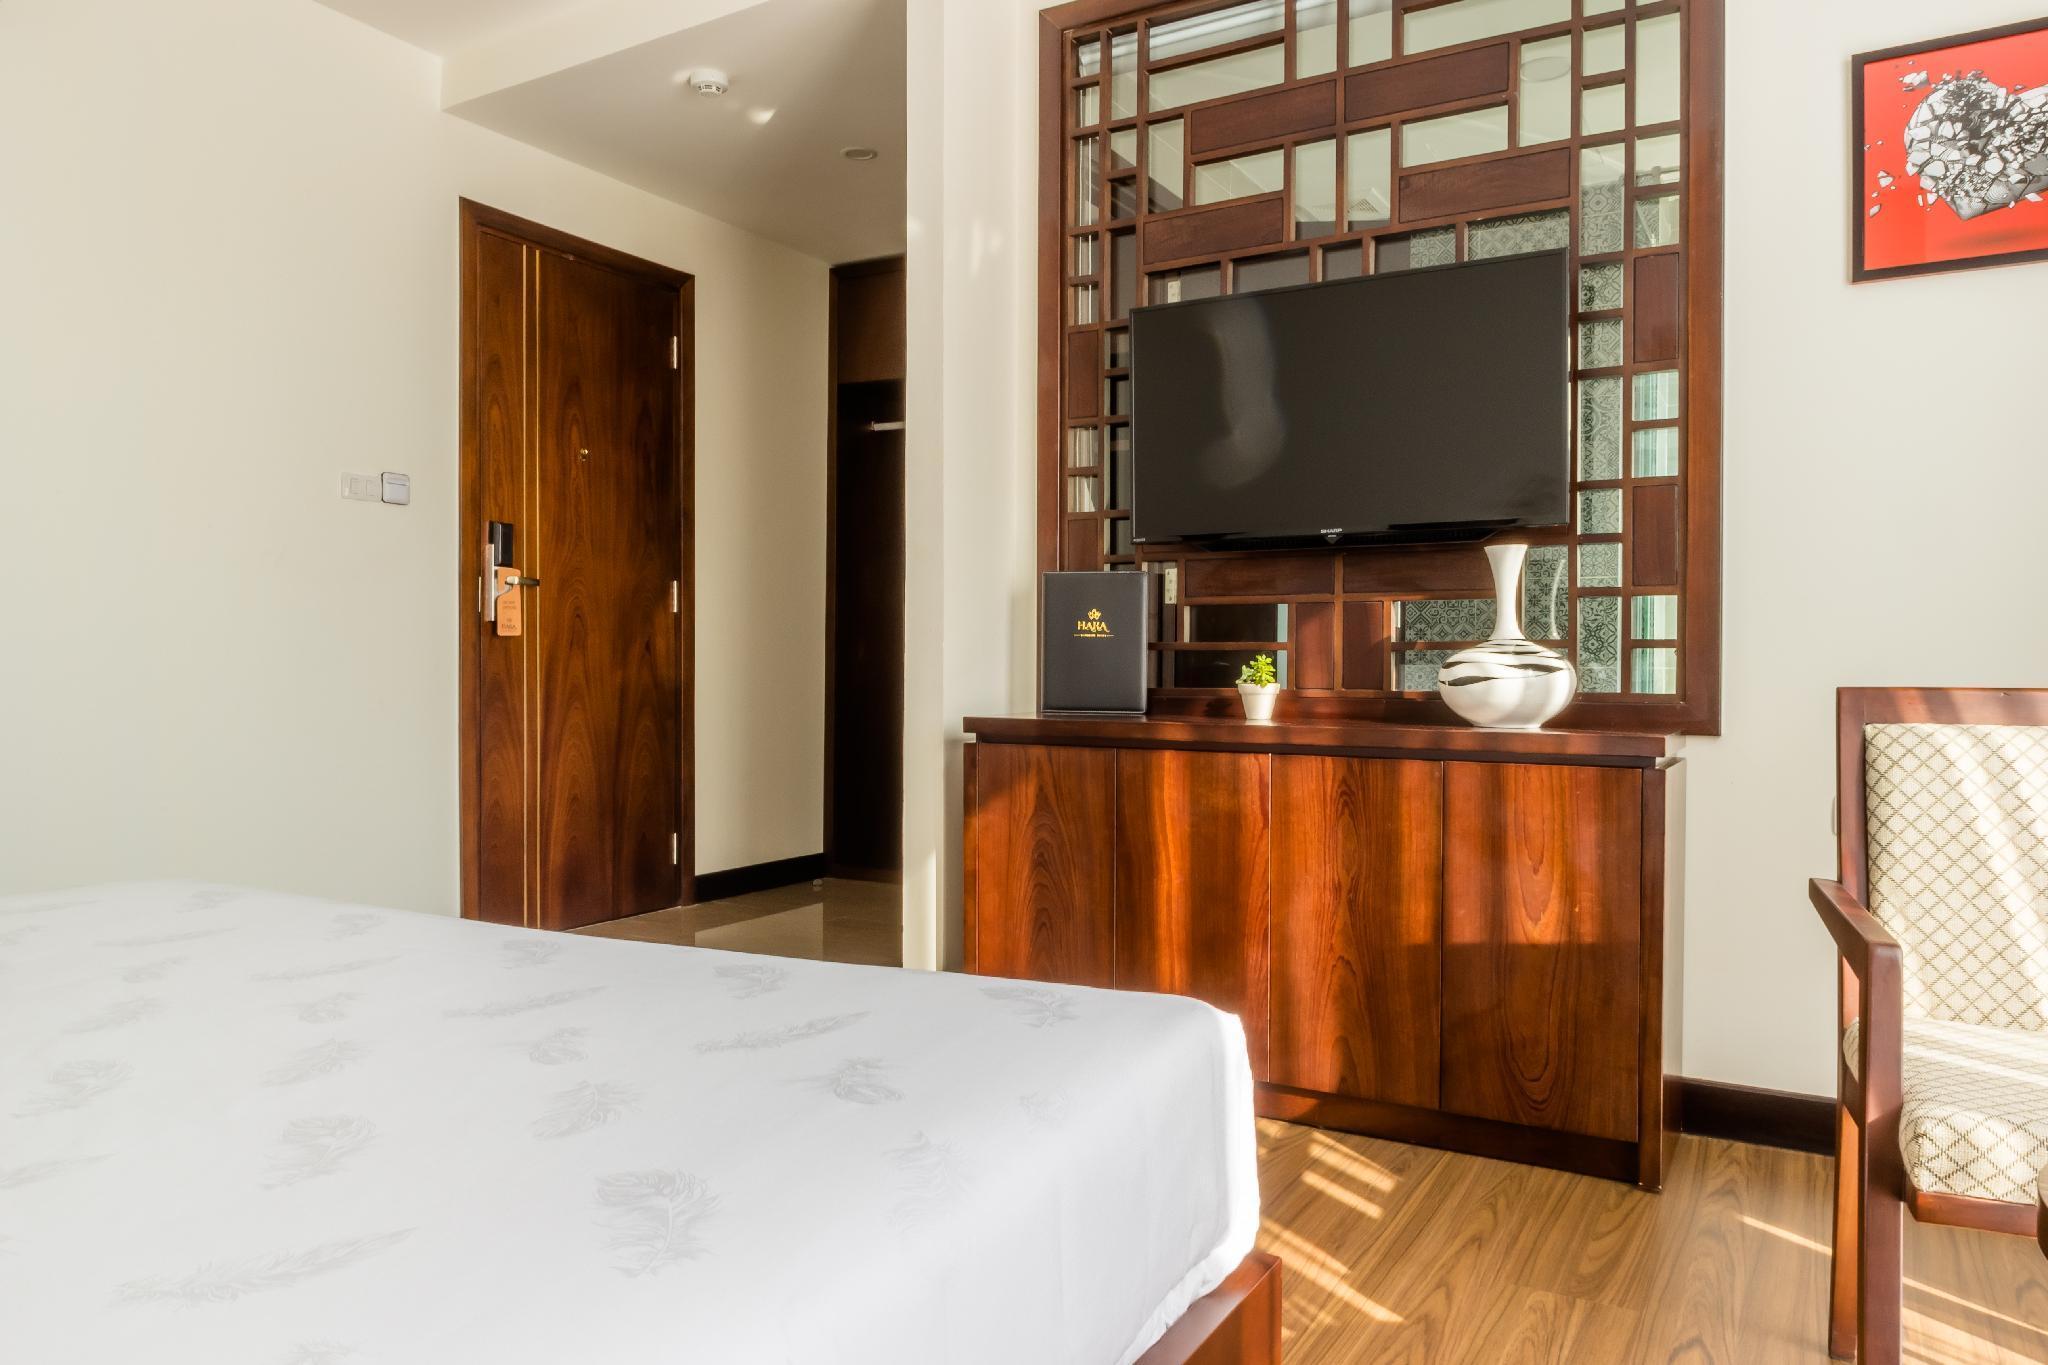 Haka Hotel & Apartment, Sơn Trà